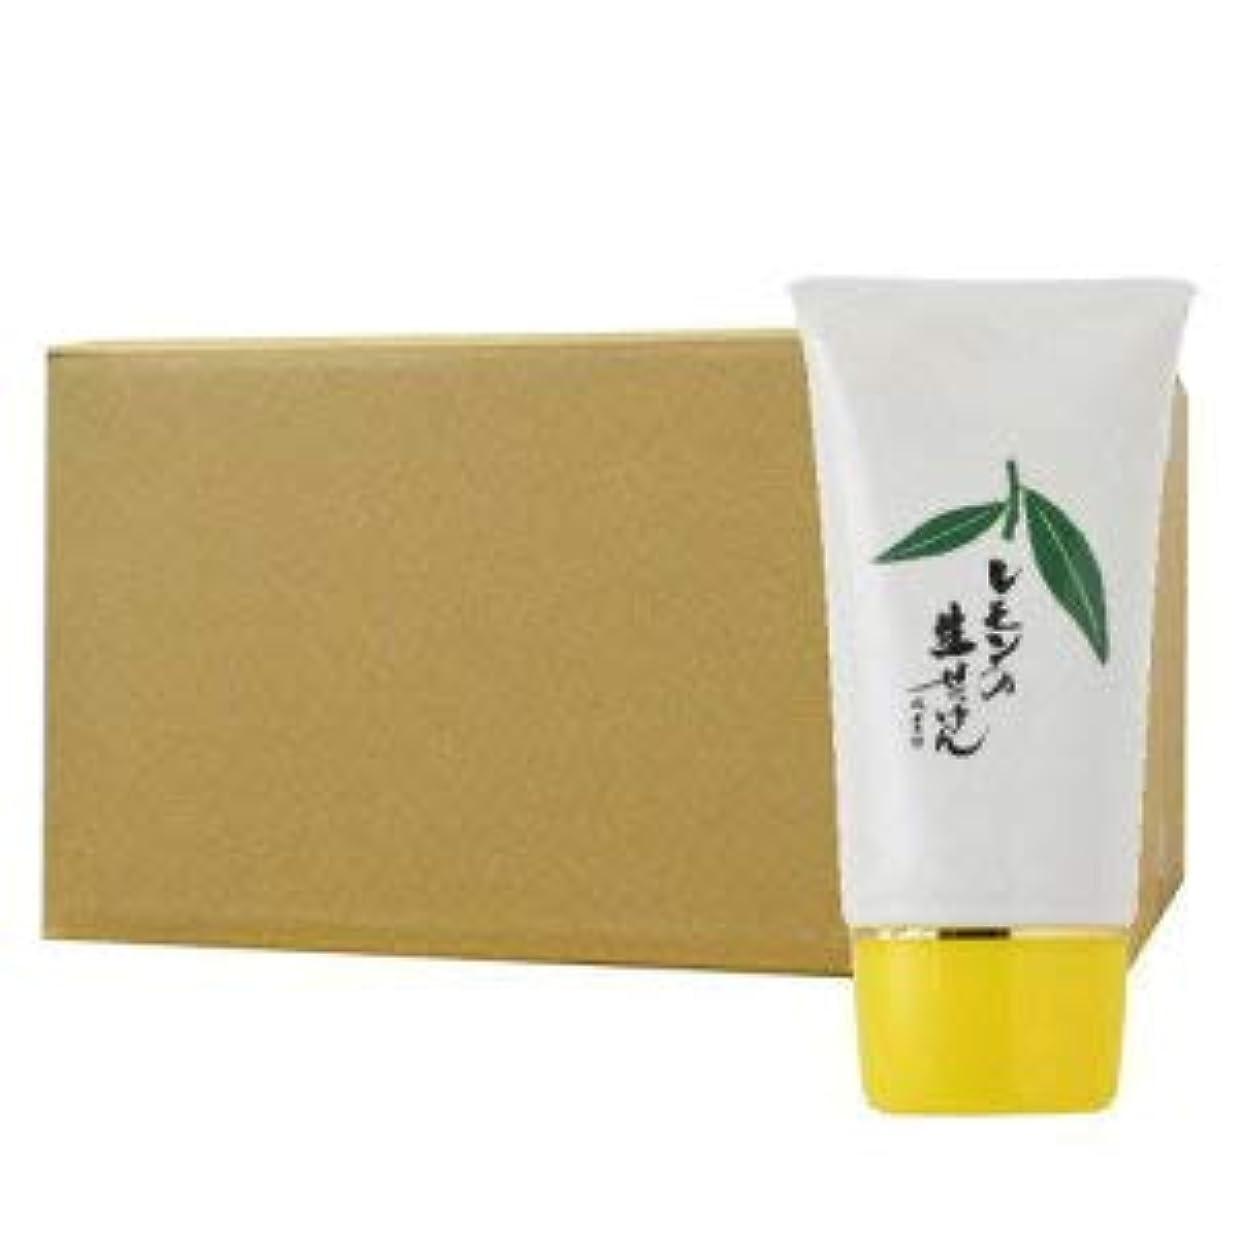 着飾る午後以前はUYEKI美香柑レモンの生せっけん70g×60個セット